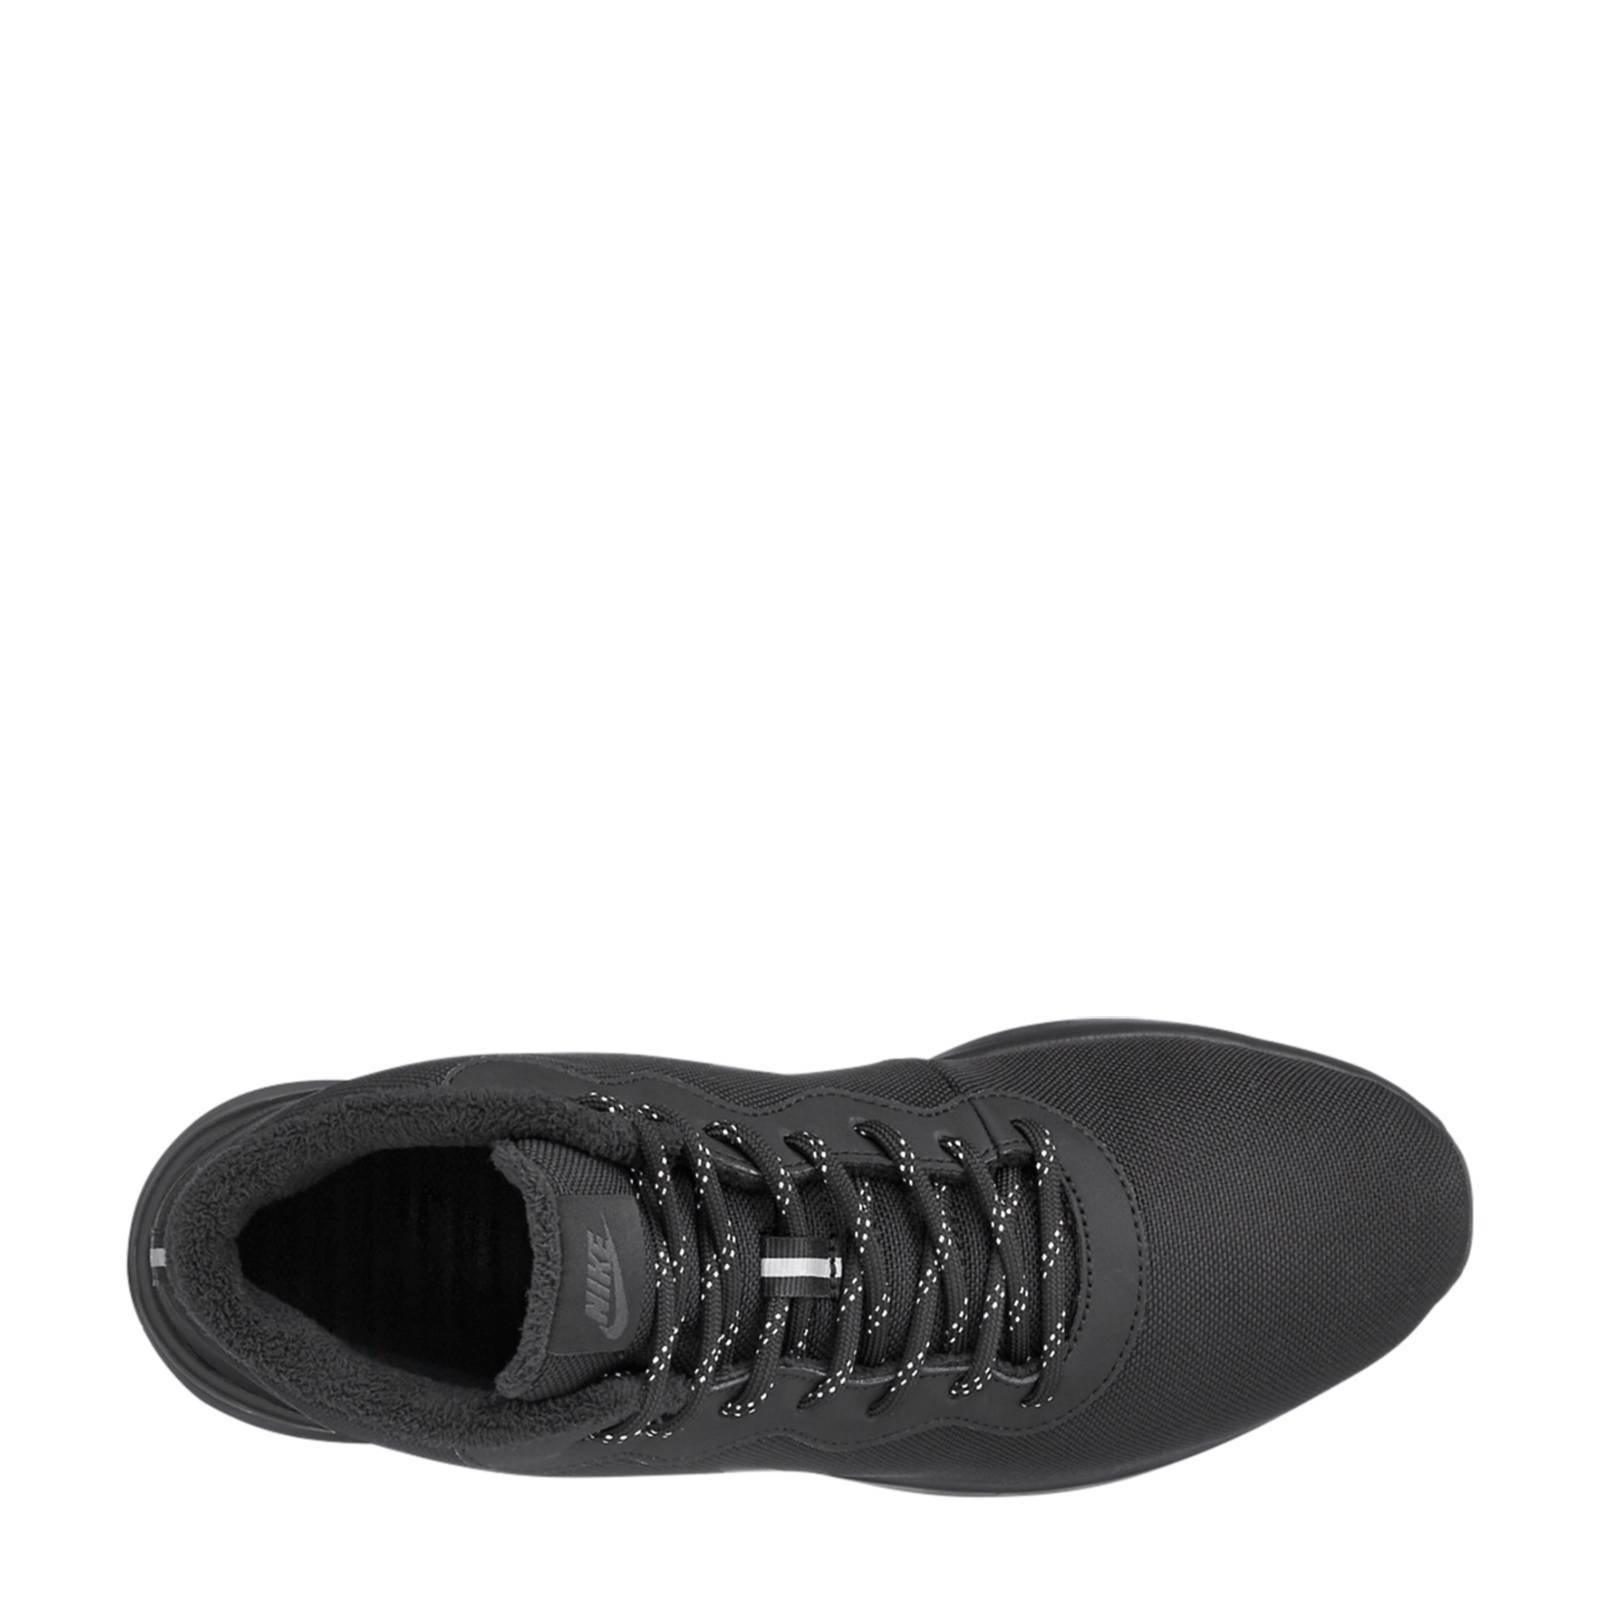 official photos 805f1 7de3f nike-tanjun-chukka-mid-gevoerde-sneakers-zwart.jpg